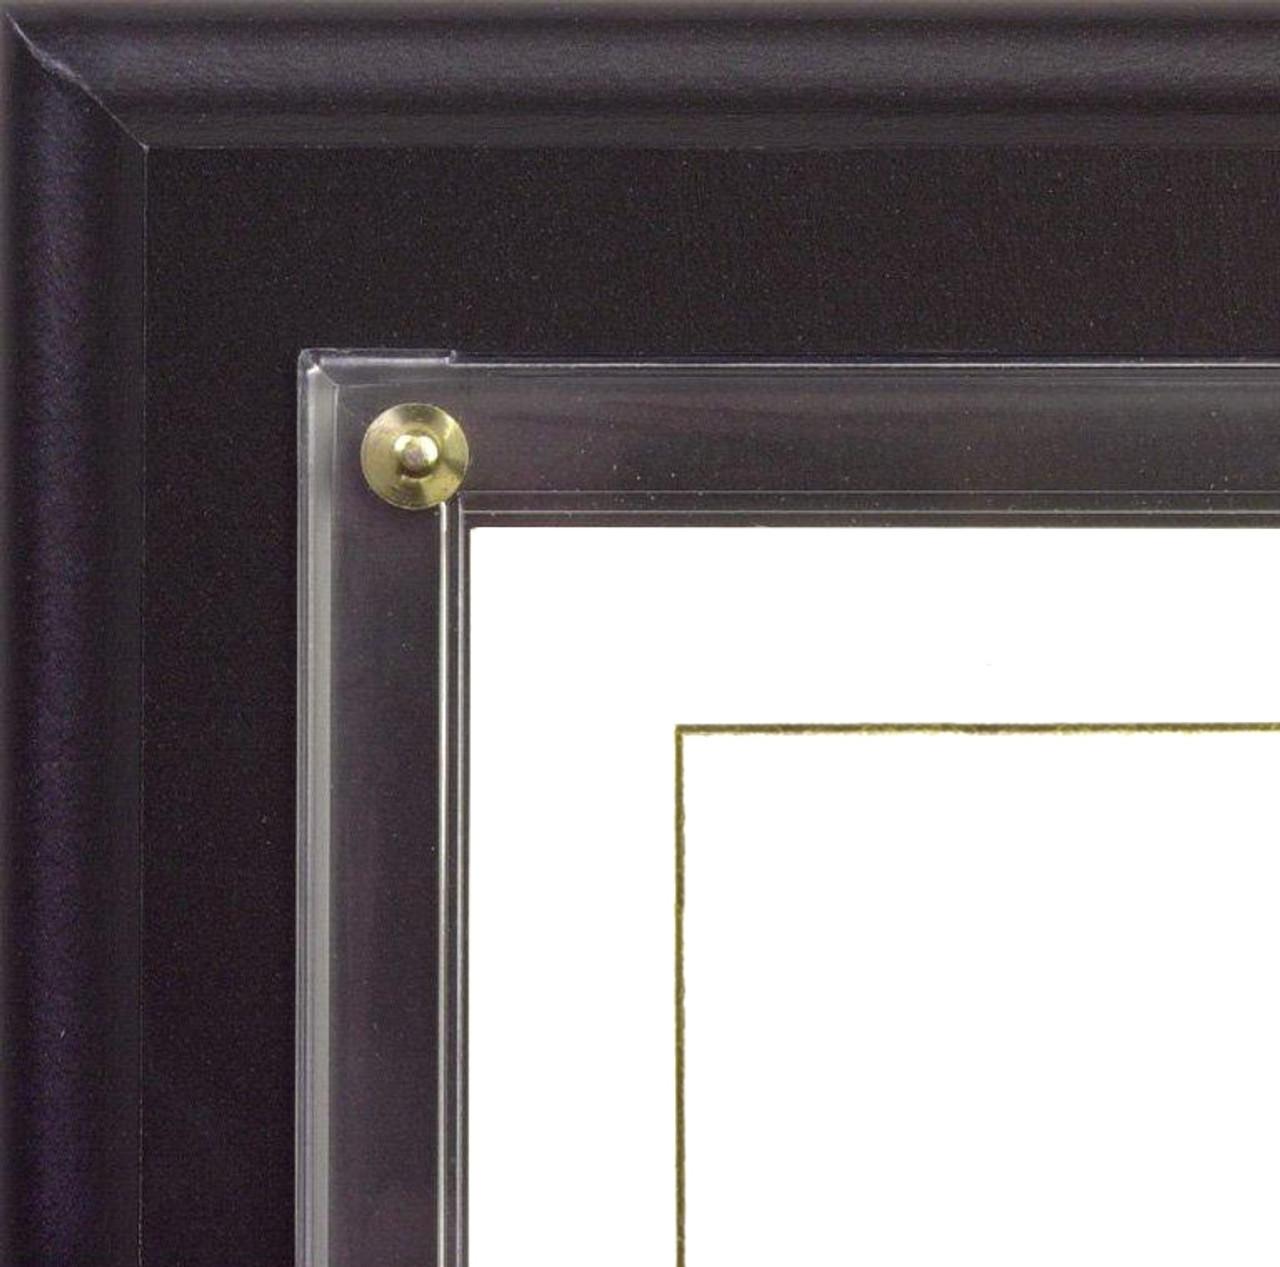 Certificate Plaque; close-up of black plaque